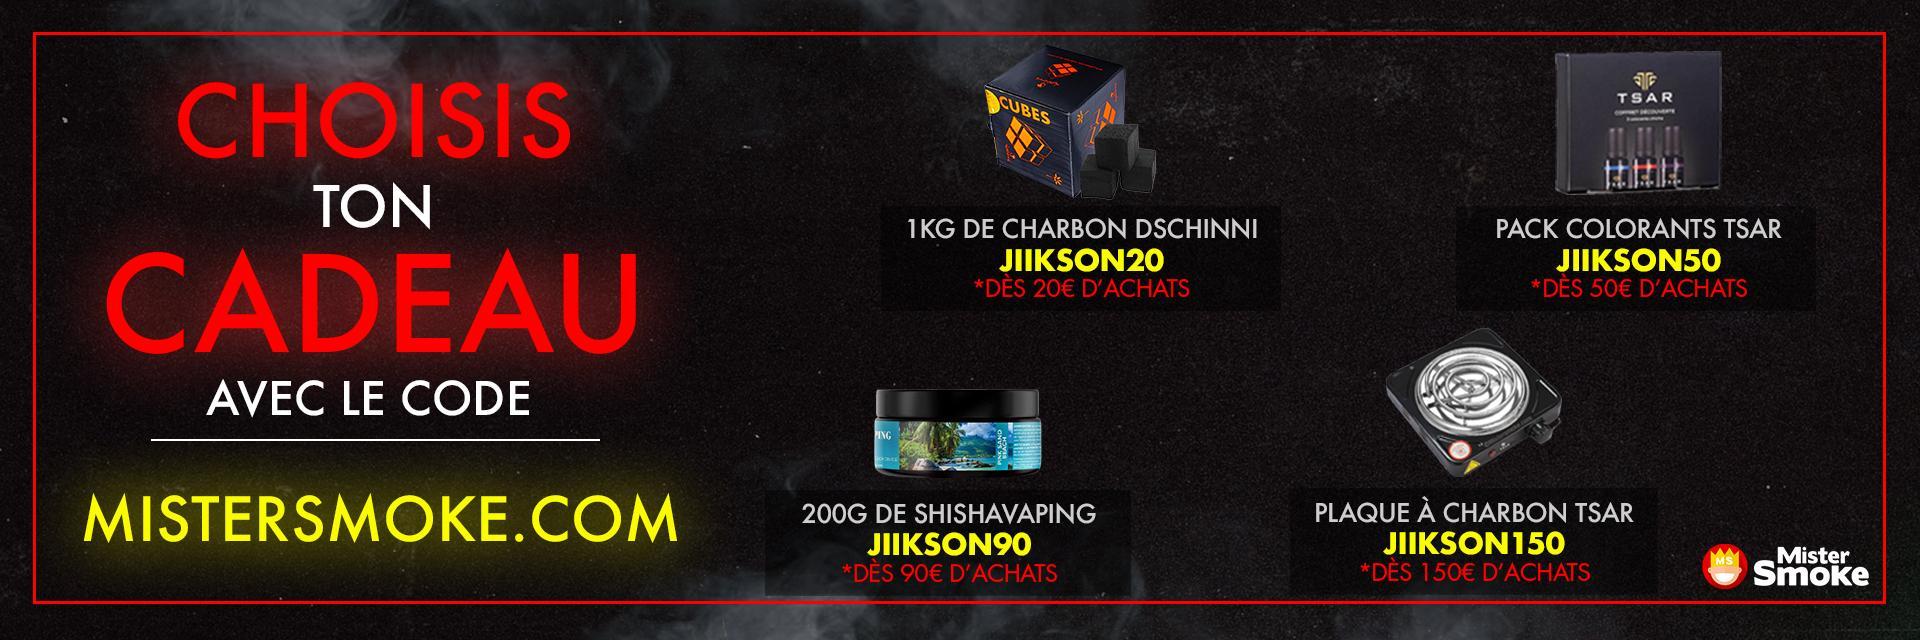 Banniere site code promo version dschinni 3